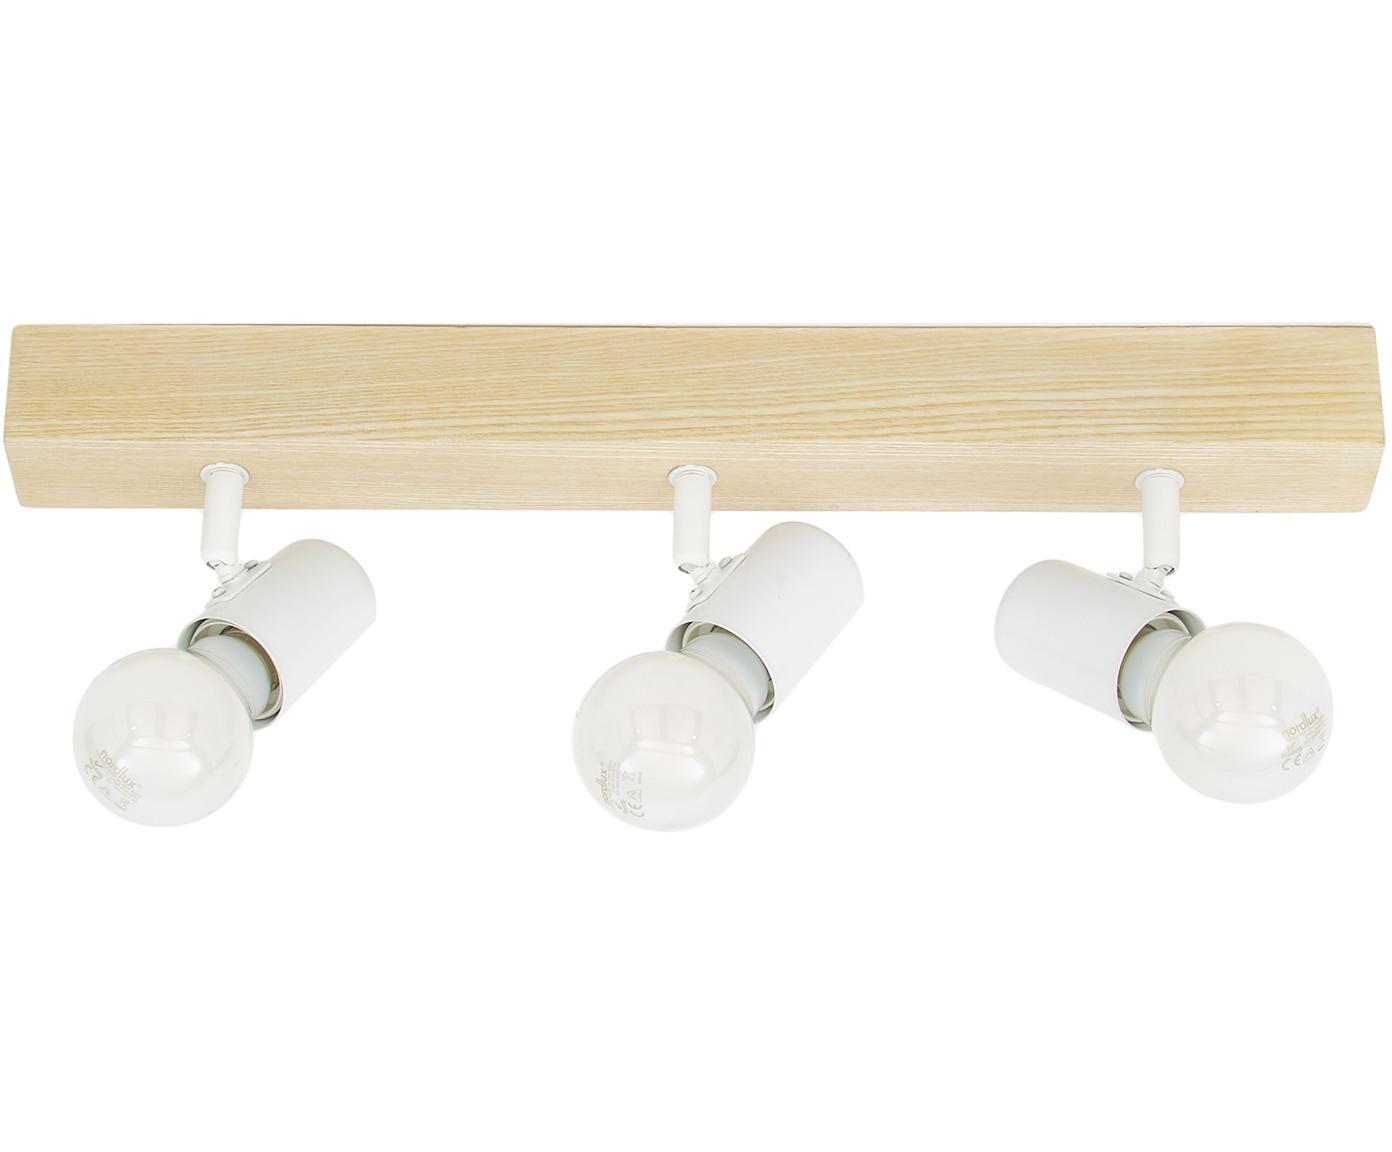 Deckenstrahler Townshend, Weiss, Holz, 48 x 13 cm